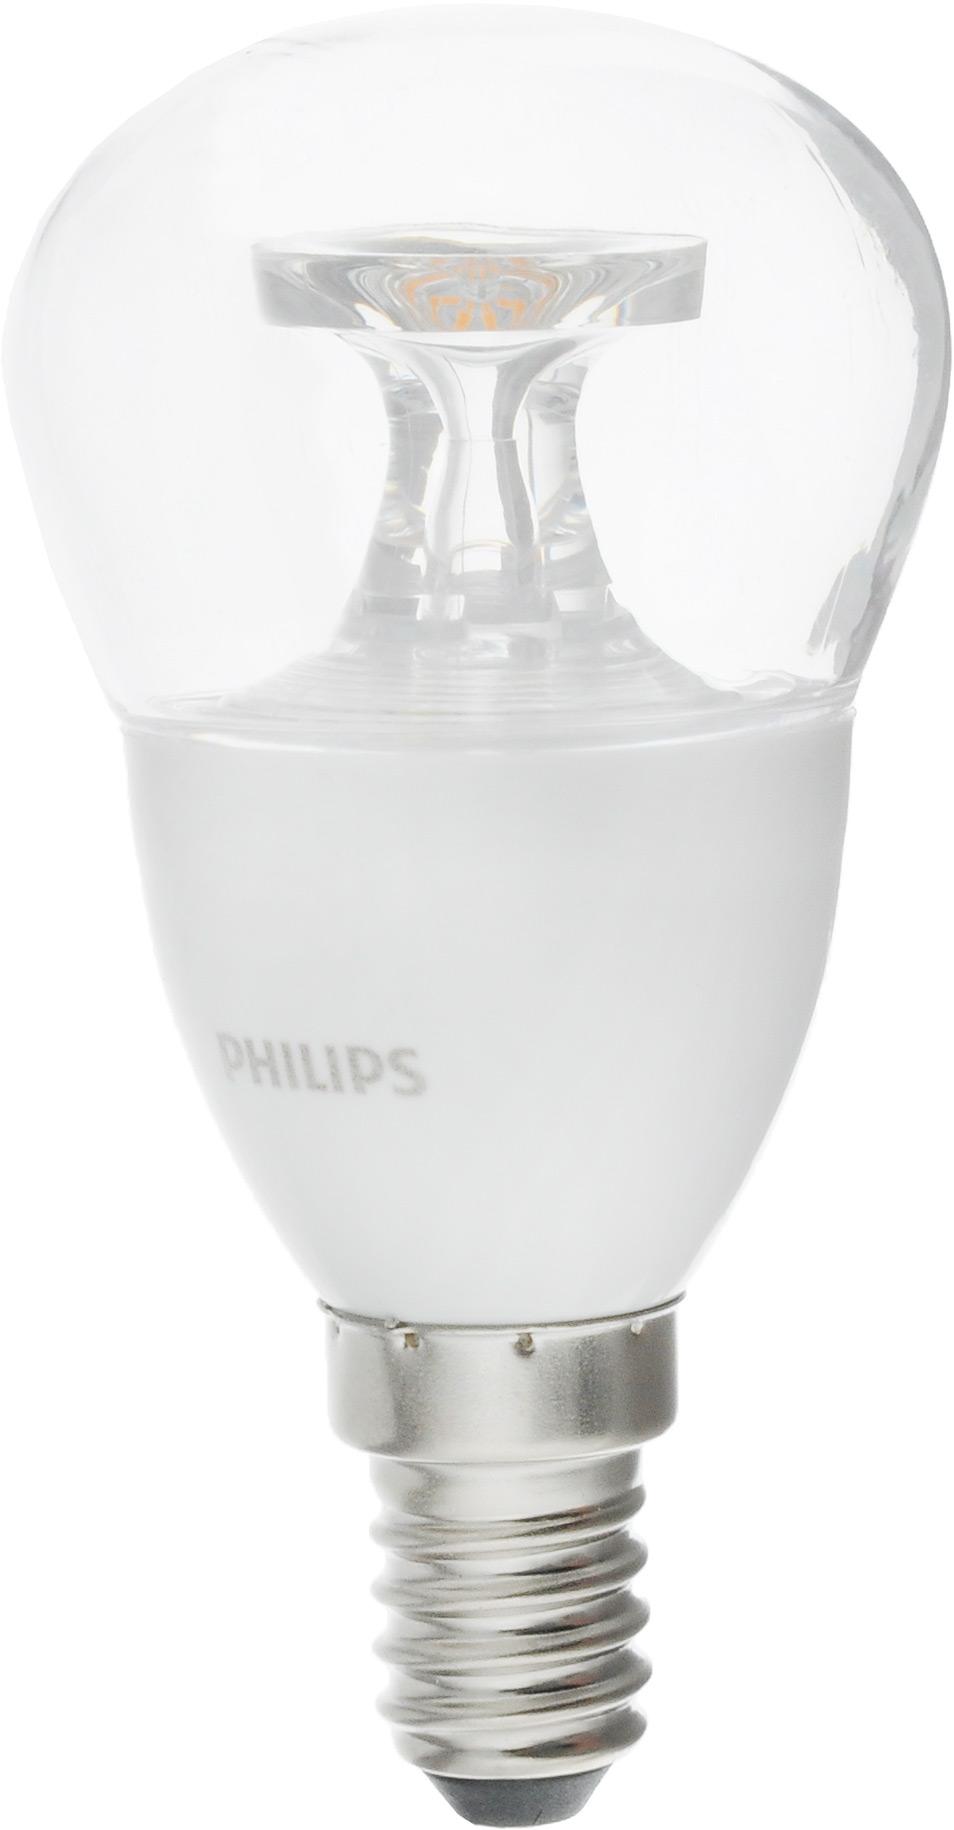 Лампа светодиодная Philips LED lustre, цоколь E14, 5,5-40W, 2700К12151Современные светодиодные лампы Philips LED lustre экономичны, имеют долгий срок службы и мгновенно загораются, заполняя комнату светом. Лампа классической формы и высокой яркости позволяет создать уютную и приятную обстановку в любой комнате вашего дома.Светодиодные лампы потребляют на 91 % меньше электроэнергии, чем обычные лампы накаливания, излучая при этом привычный и приятный теплый свет. Срок службы светодиодной лампы Philips составляет до 15 000 часов, что соответствует общему сроку службы 15 ламп накаливания. В результате менять лампы приходится значительно реже, что сокращает количество отходов.Напряжение: 220-240 В. Световой поток: 470 lm.